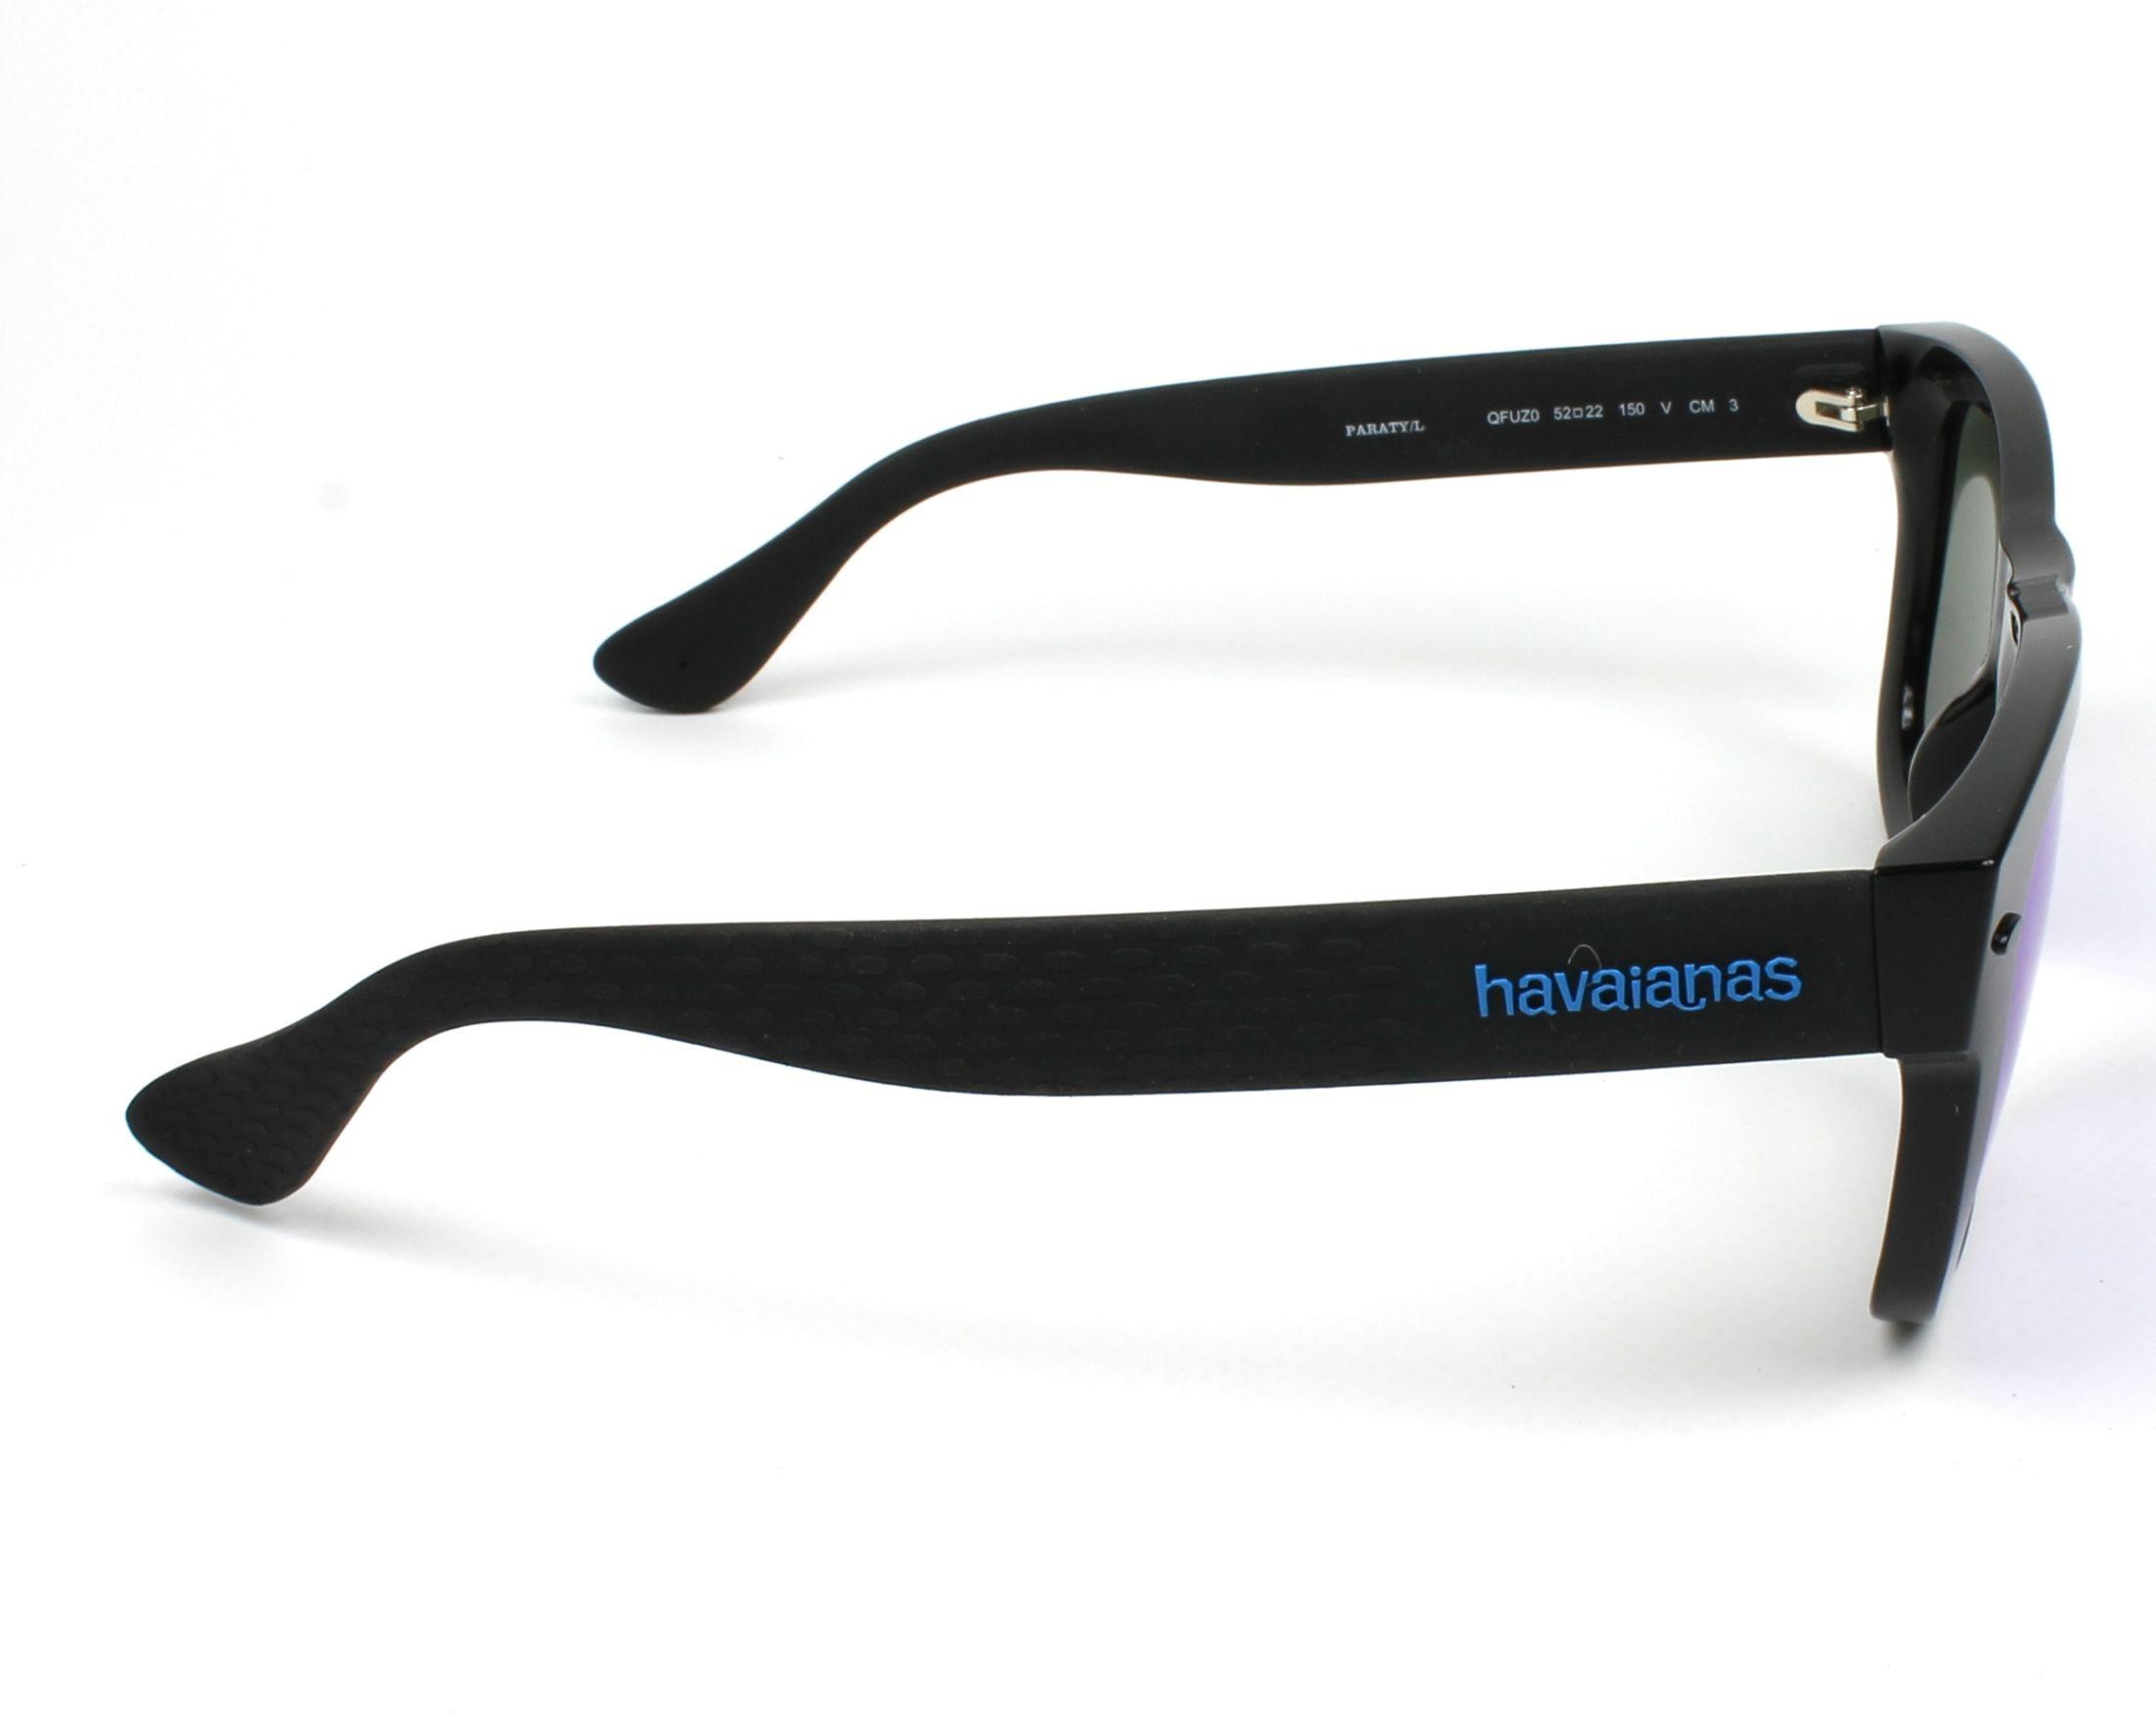 28684eed51 previsualización Gafas de sol Havaianas PARATY-L QFU/Z0 - Negra Negra vista  lateral